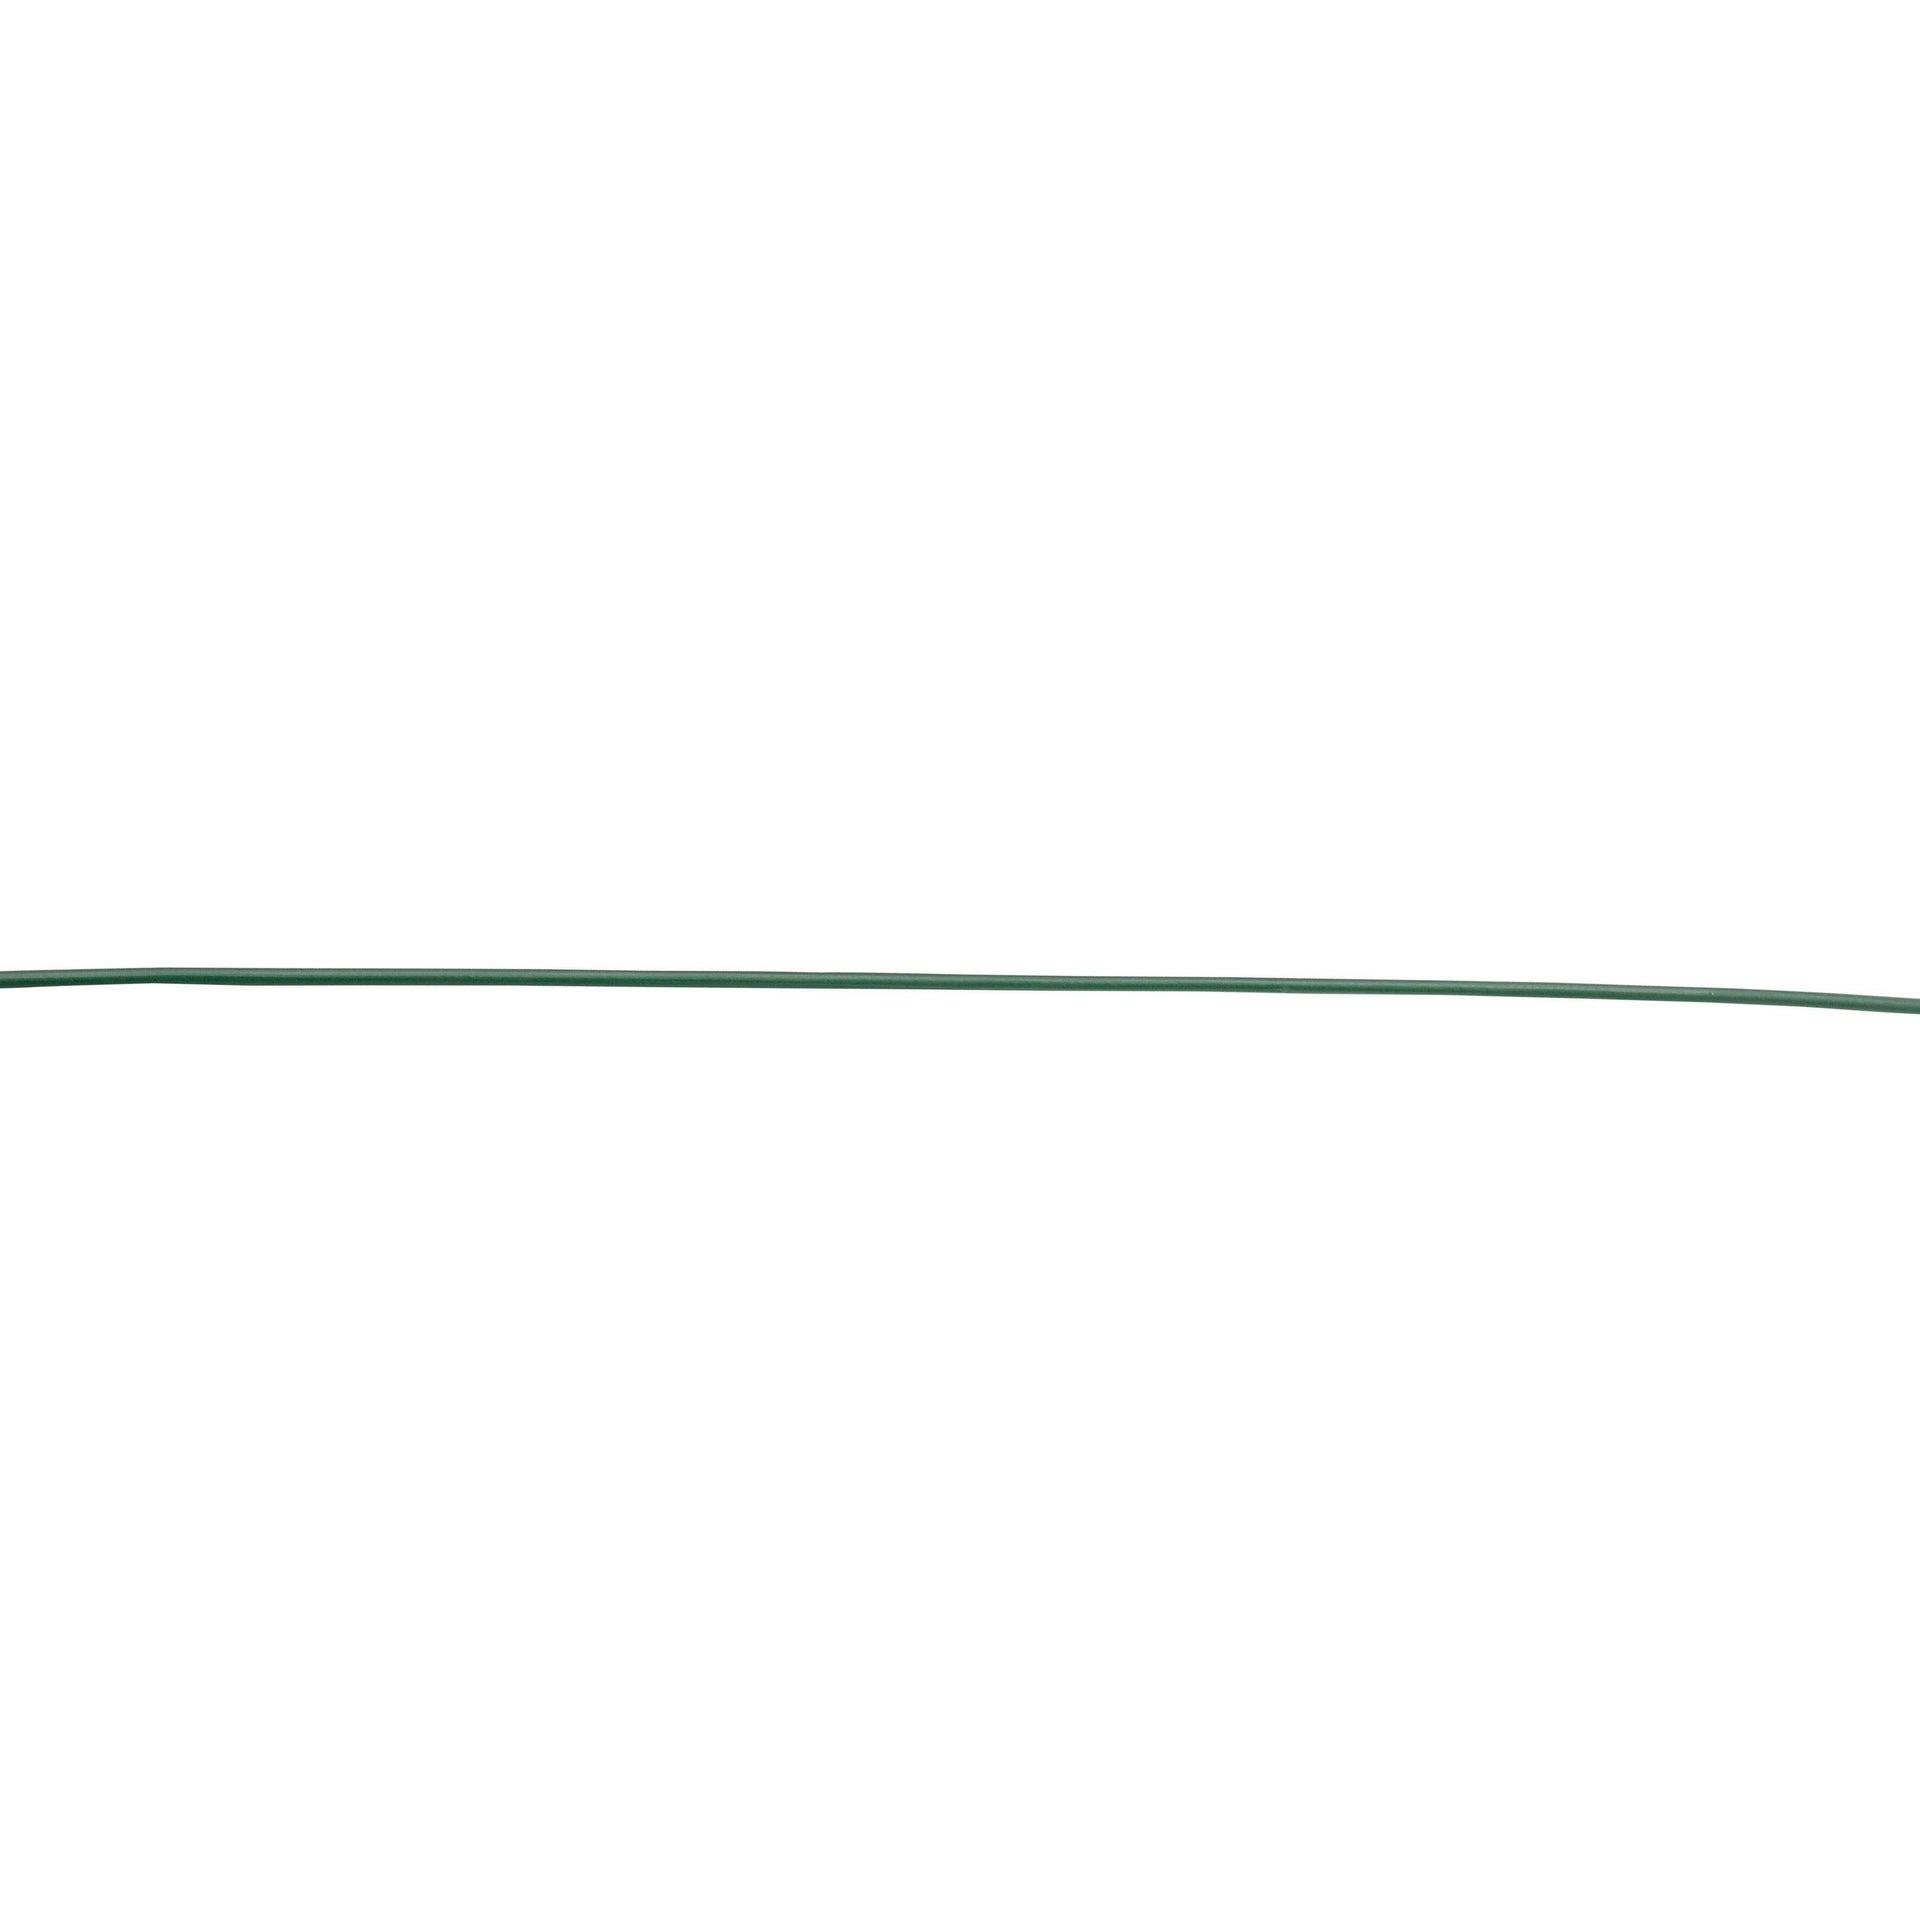 Filo in acciaio STANDERS Ø 1.4 mm x L 30 m - 7